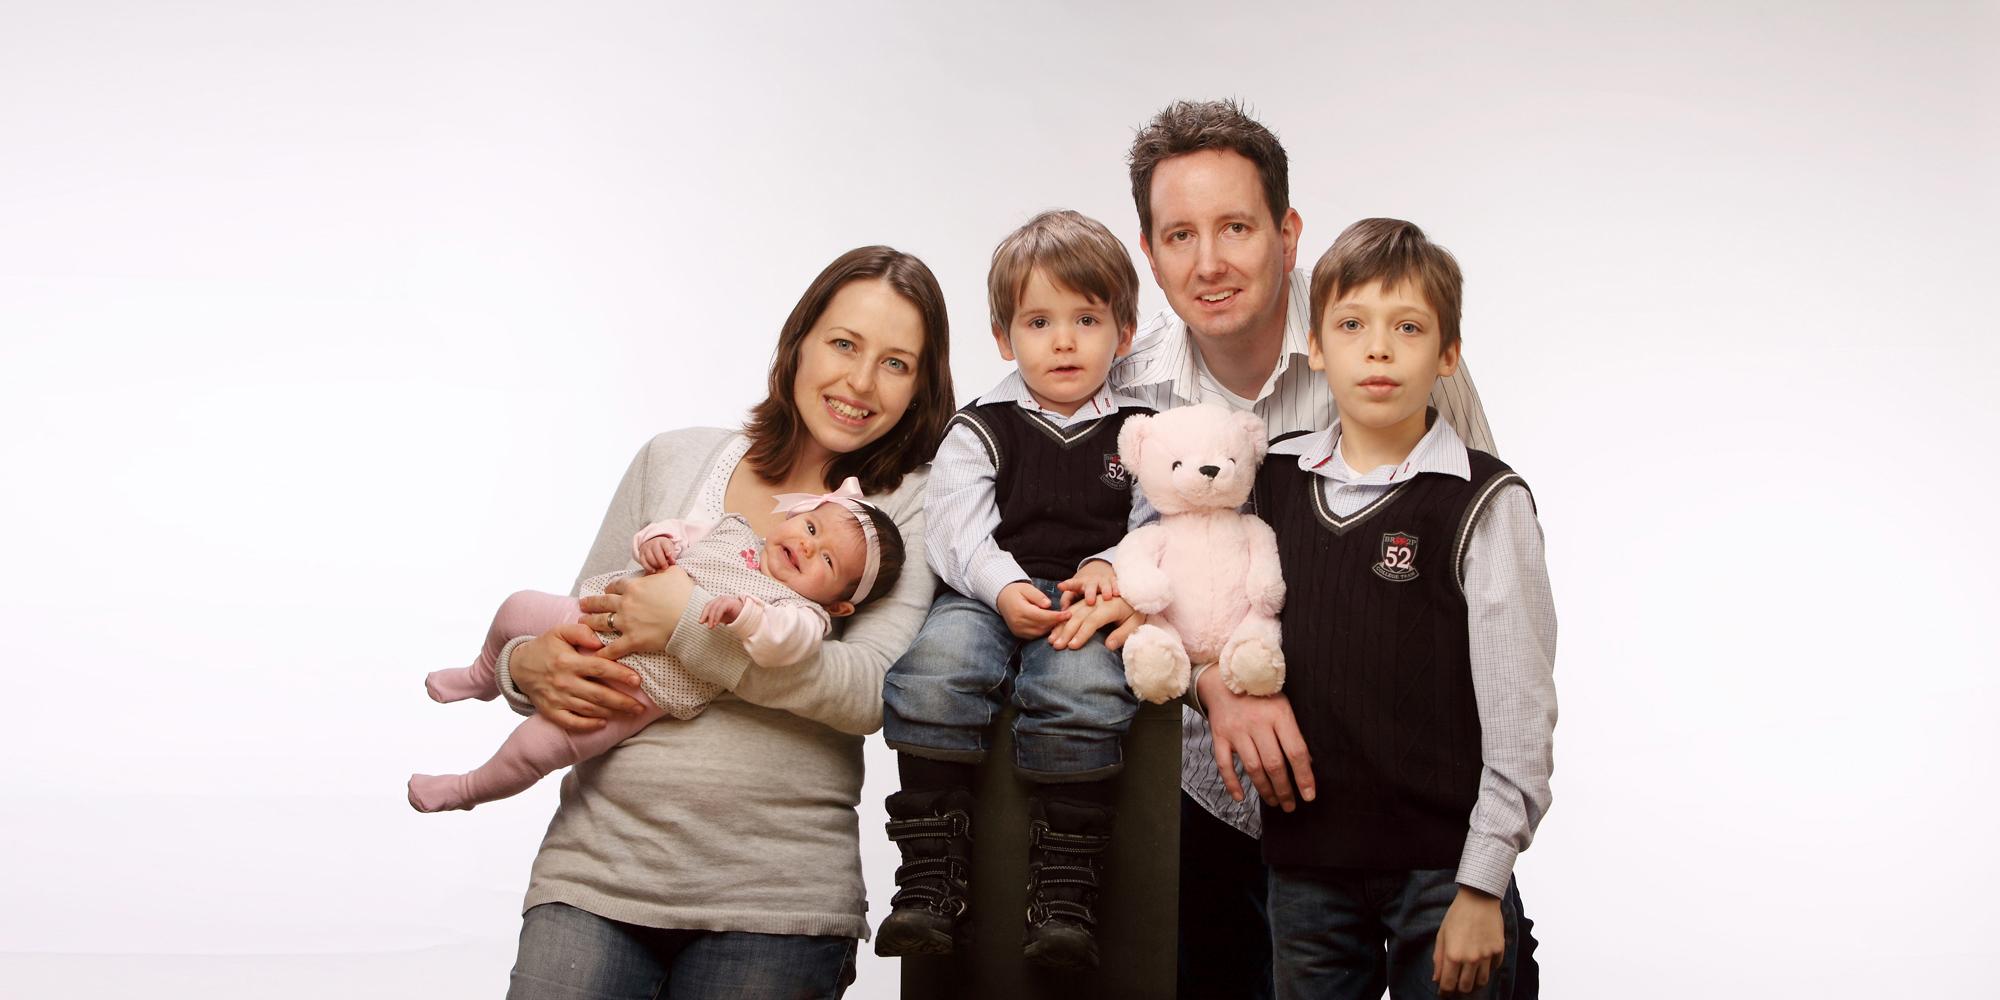 Familienportrait, (Familienfoto) von einer lächelnden Frau, die ein Baby mit Haarschleife auf dem Arm hält, einem Mann der seitlich steht, mit Teddy in der Hand und einem kleinen Jungen, der zwischen den Beiden, auf einem Hocker sitzend, posiert.